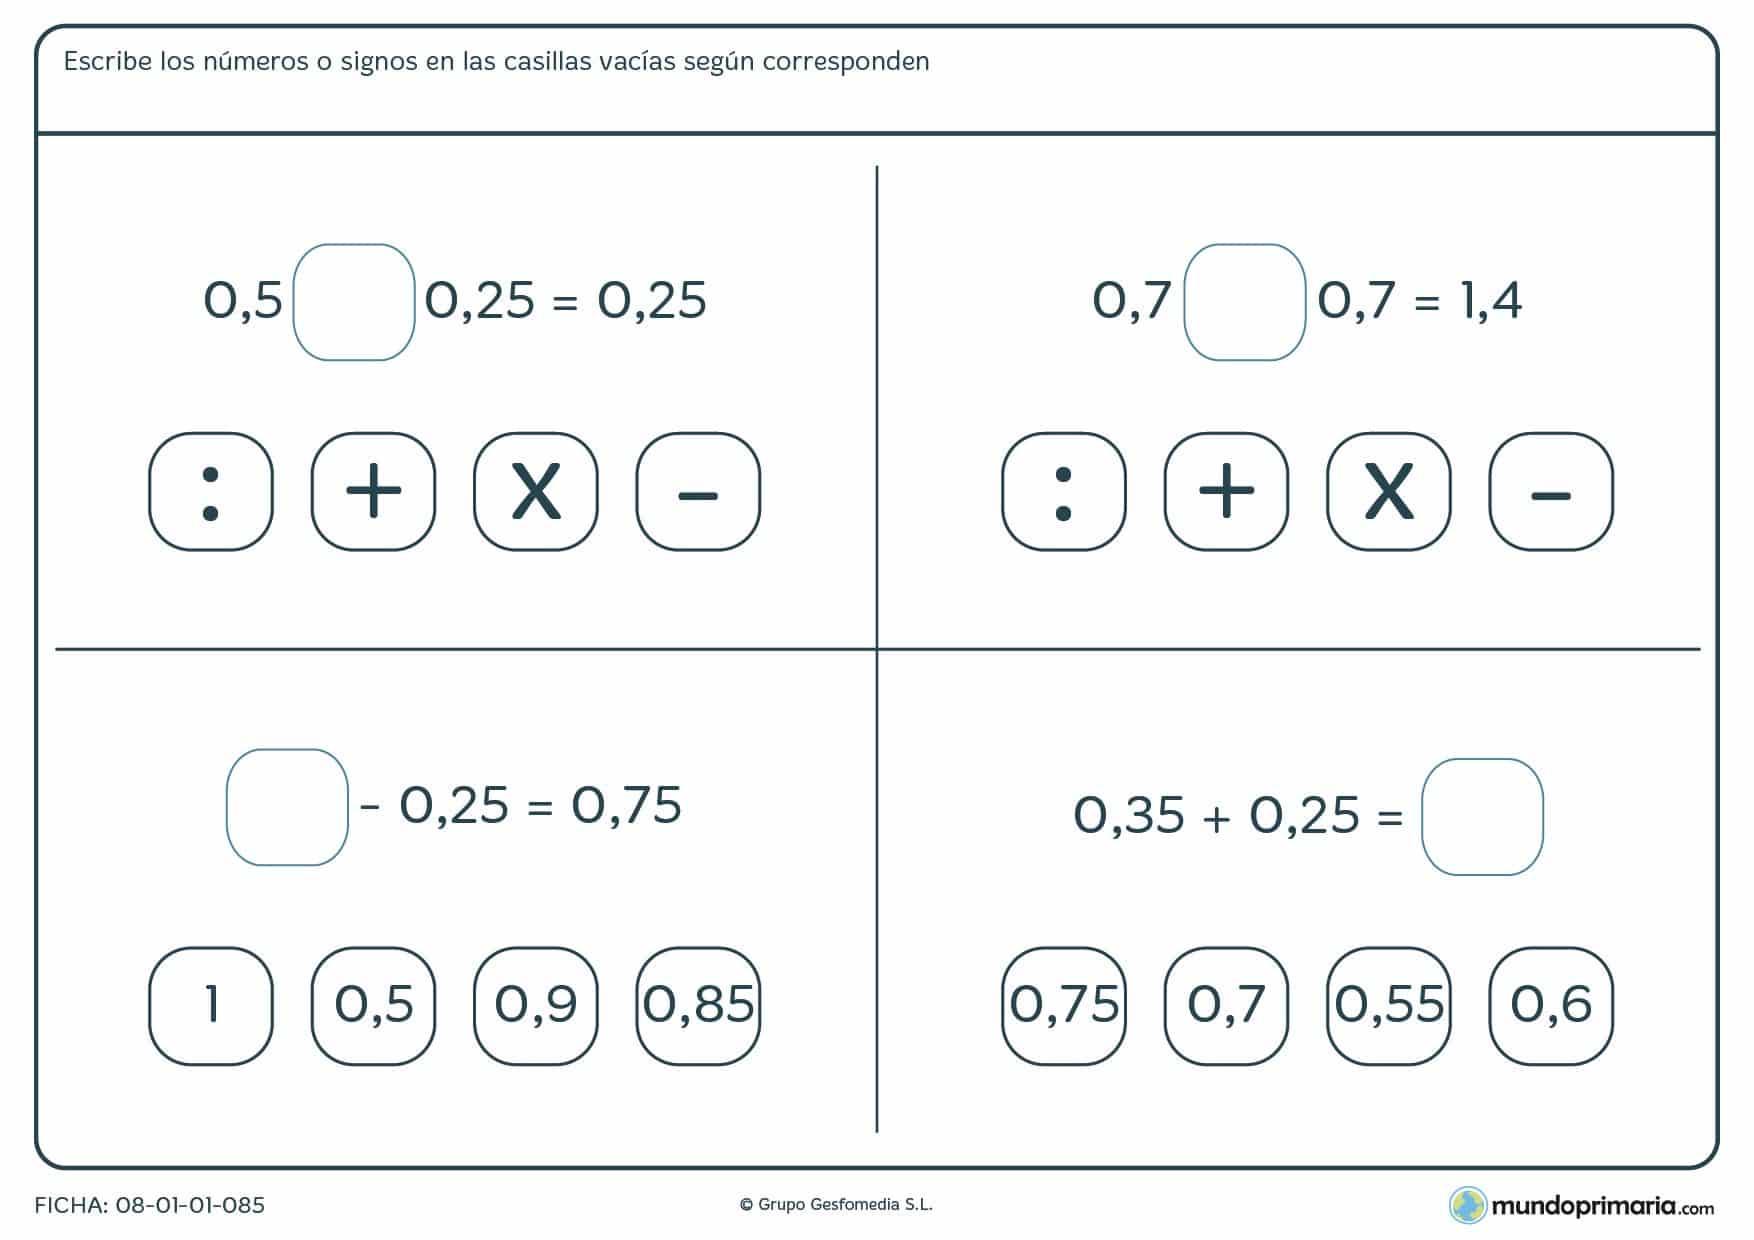 Ficha de operaciones simples con decimales para completar para 6º